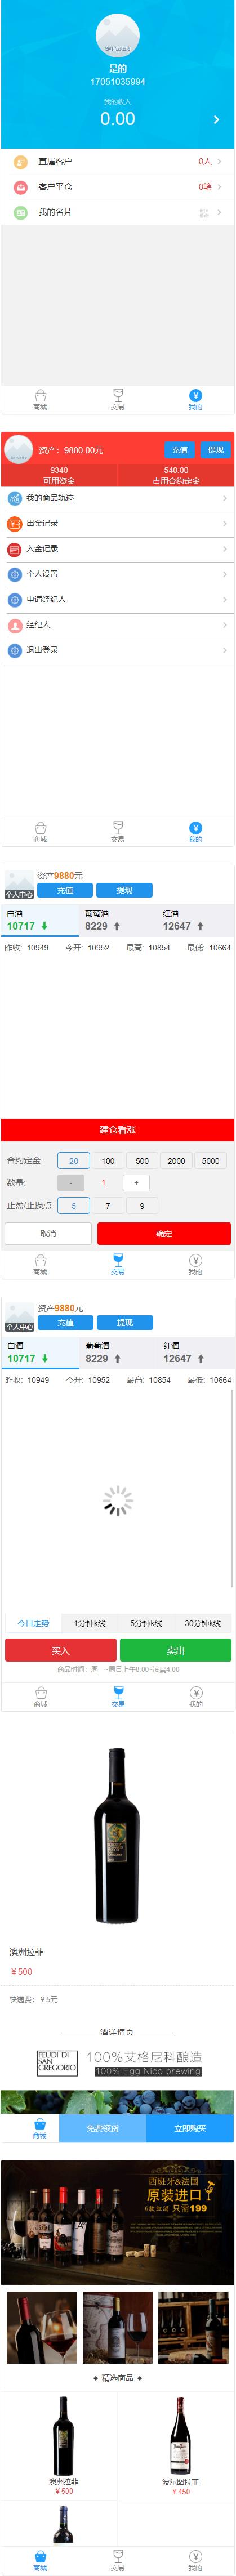 九月最新老爷车YII点位盘乐酒商城微盘系统网站完整数据源码-爱资源分享